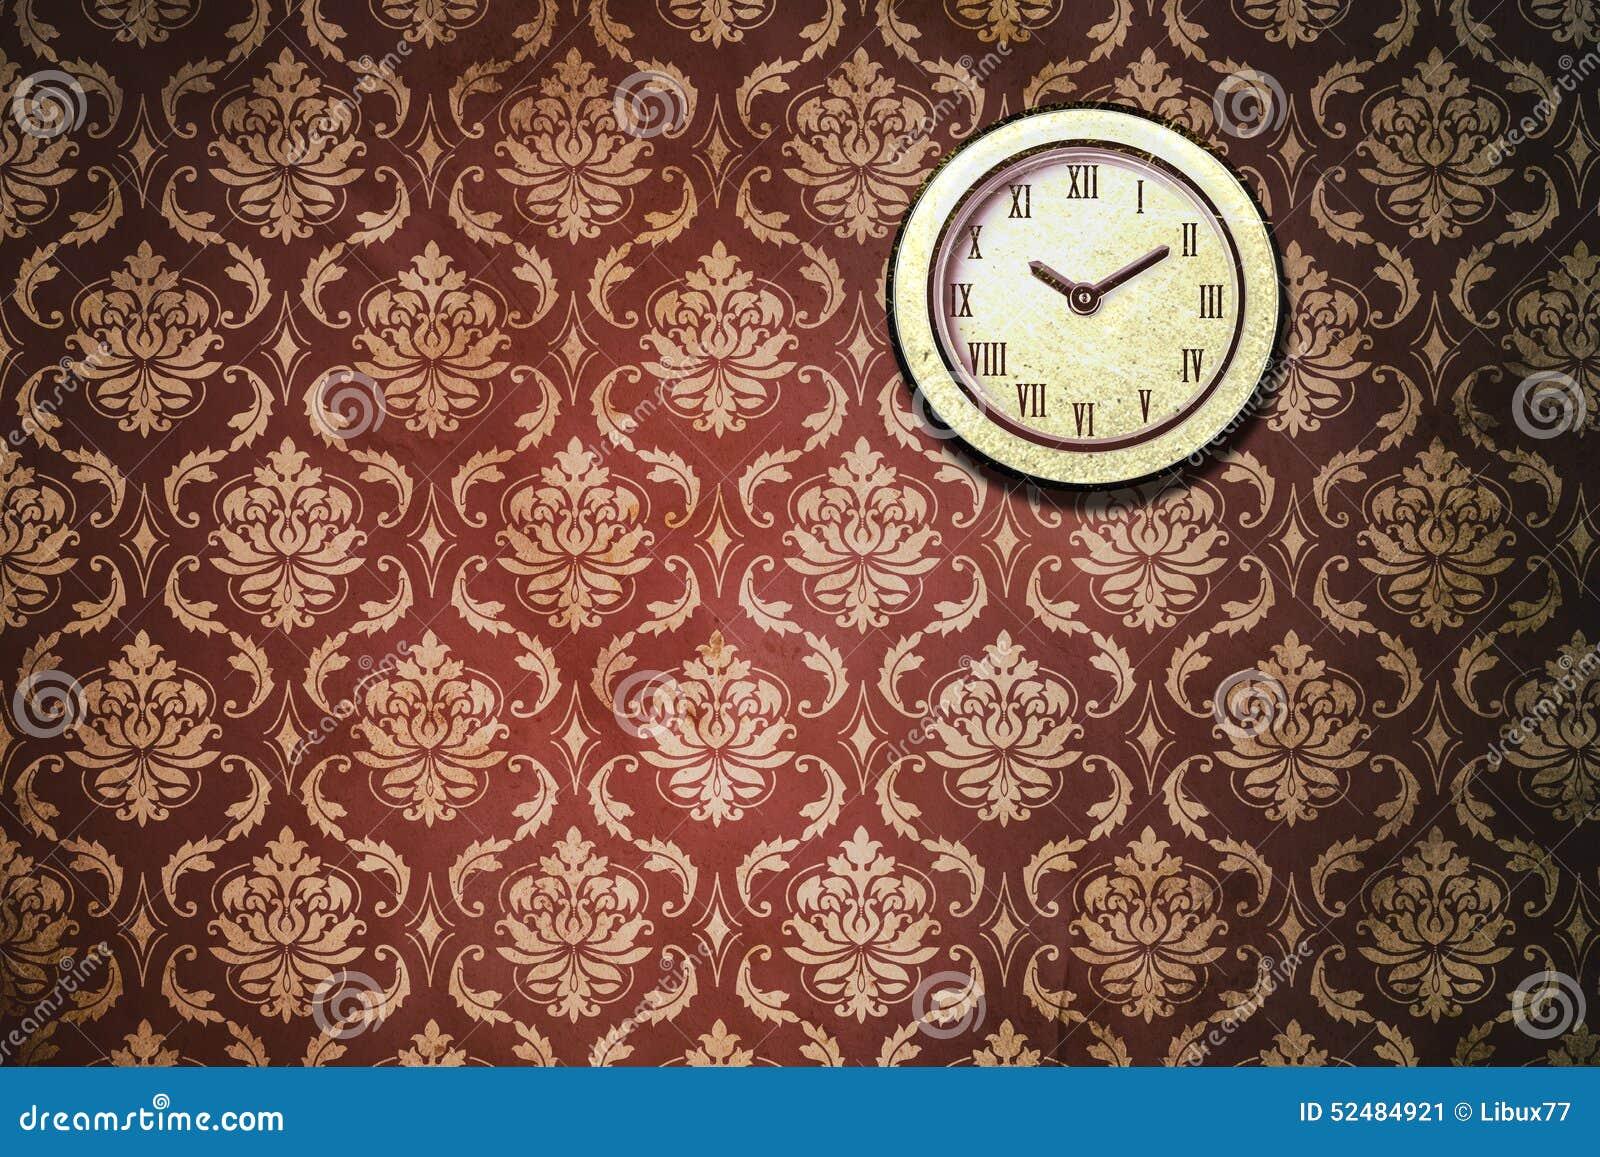 papier peint classique d 39 horloge murale de vintage photo stock image 52484921. Black Bedroom Furniture Sets. Home Design Ideas